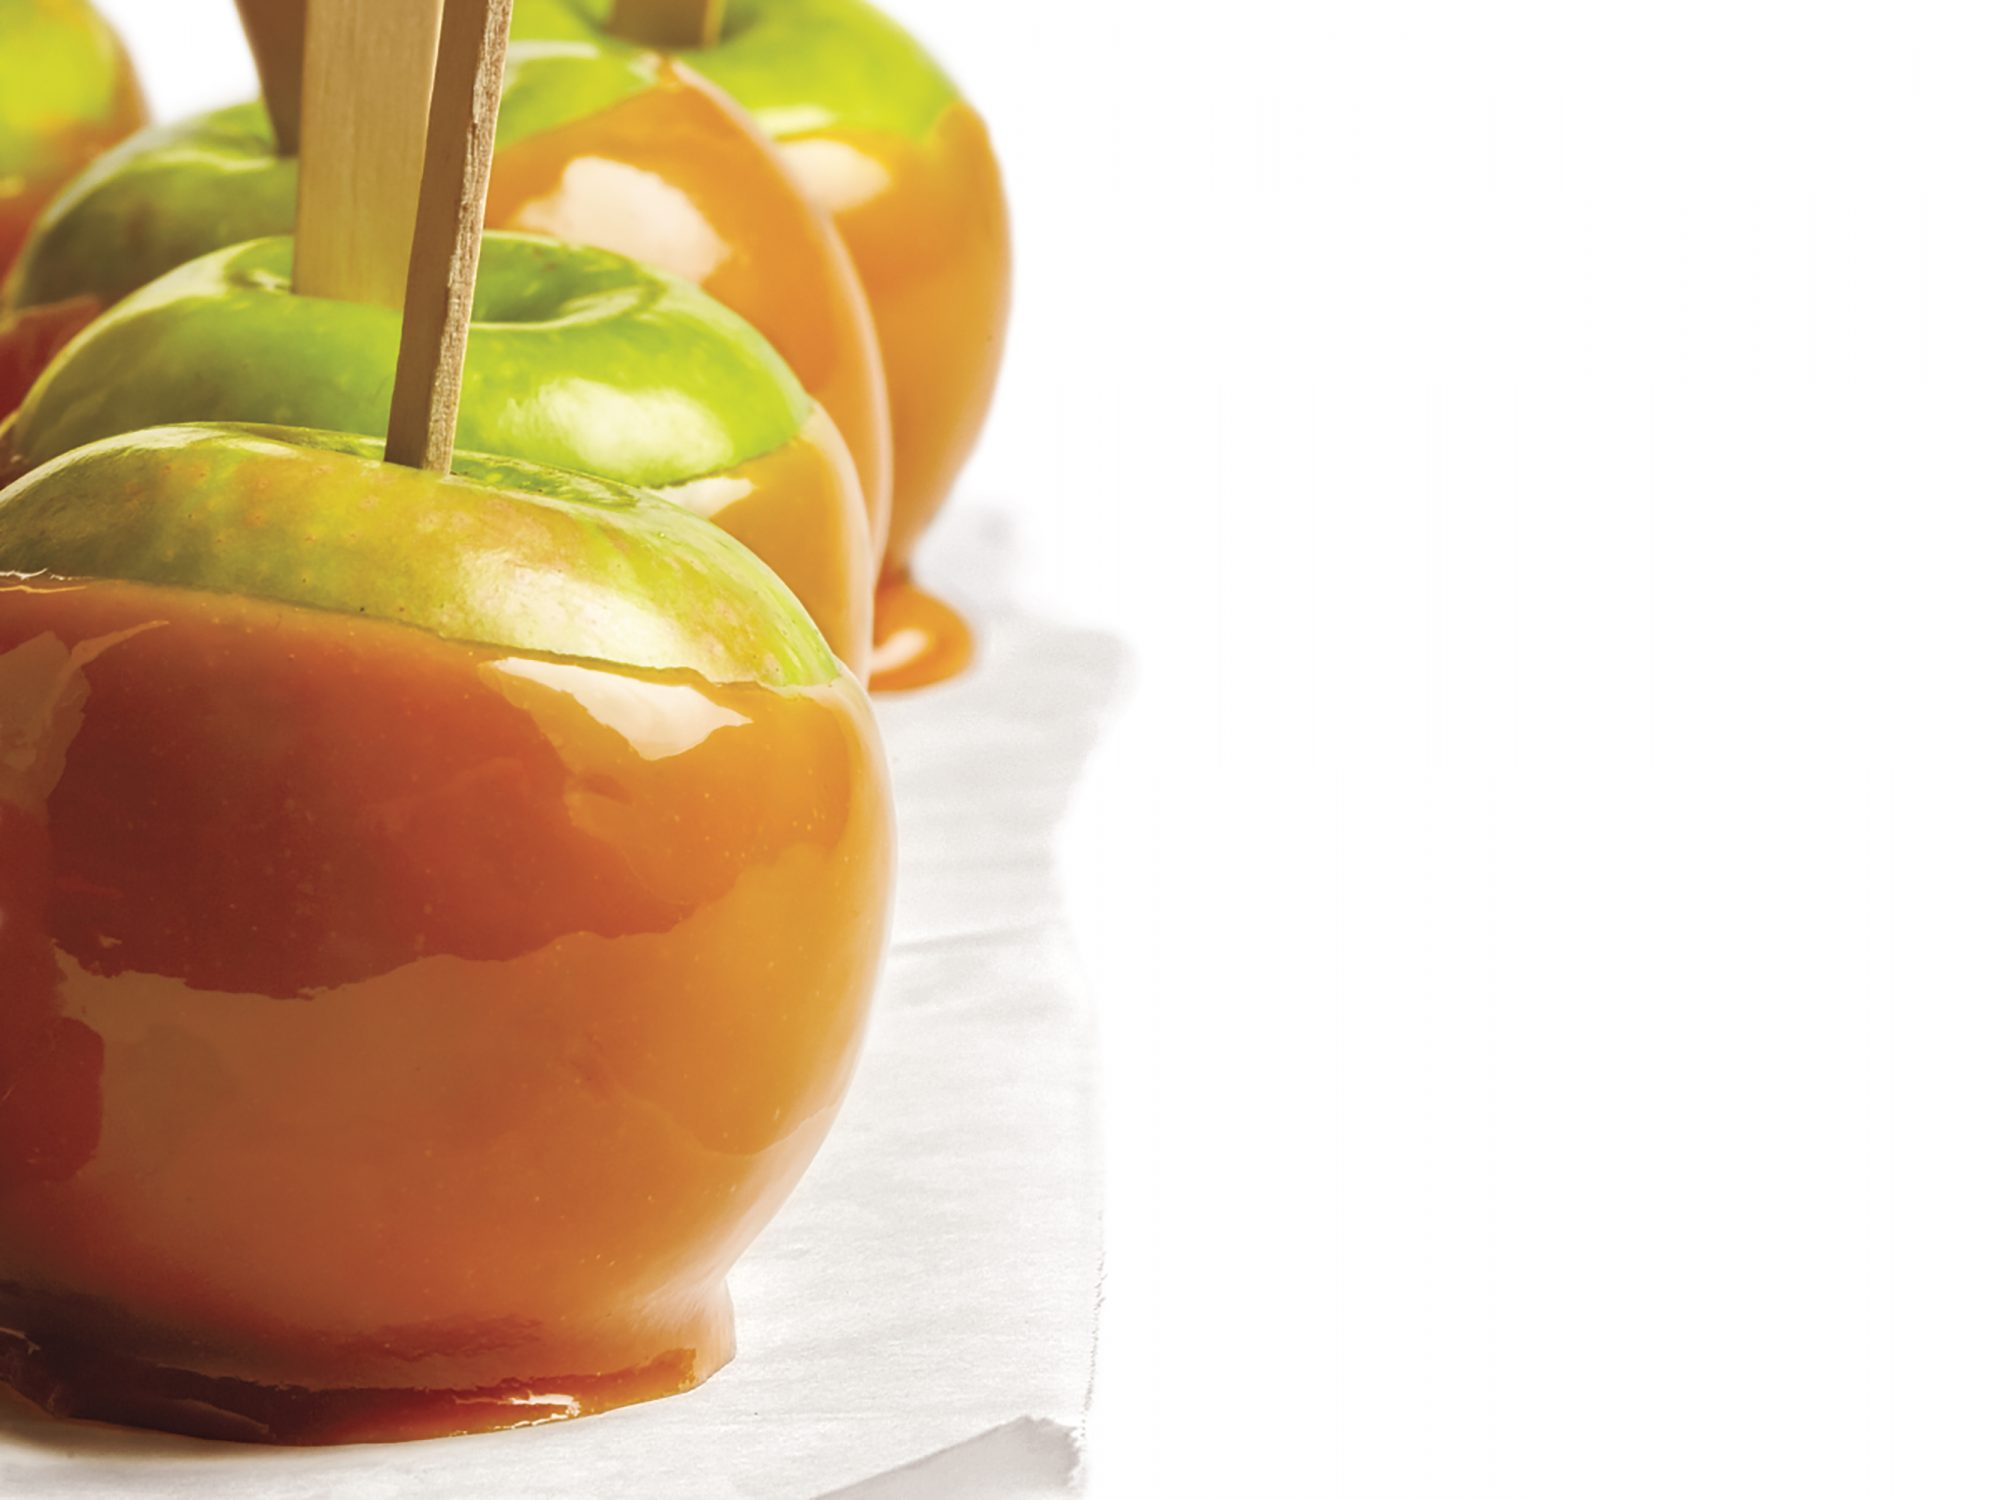 caramel-apples-ck-crop.jpg